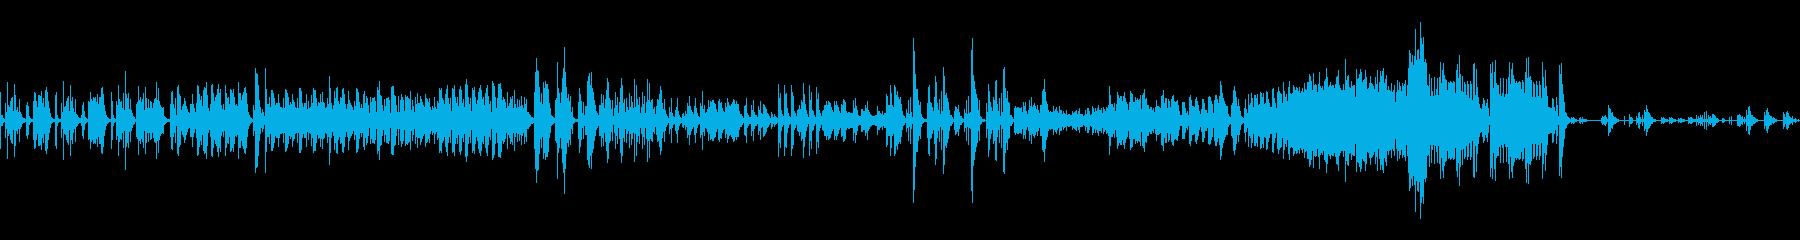 ドラム@ヤナーチェク シンフォニエッタ3の再生済みの波形